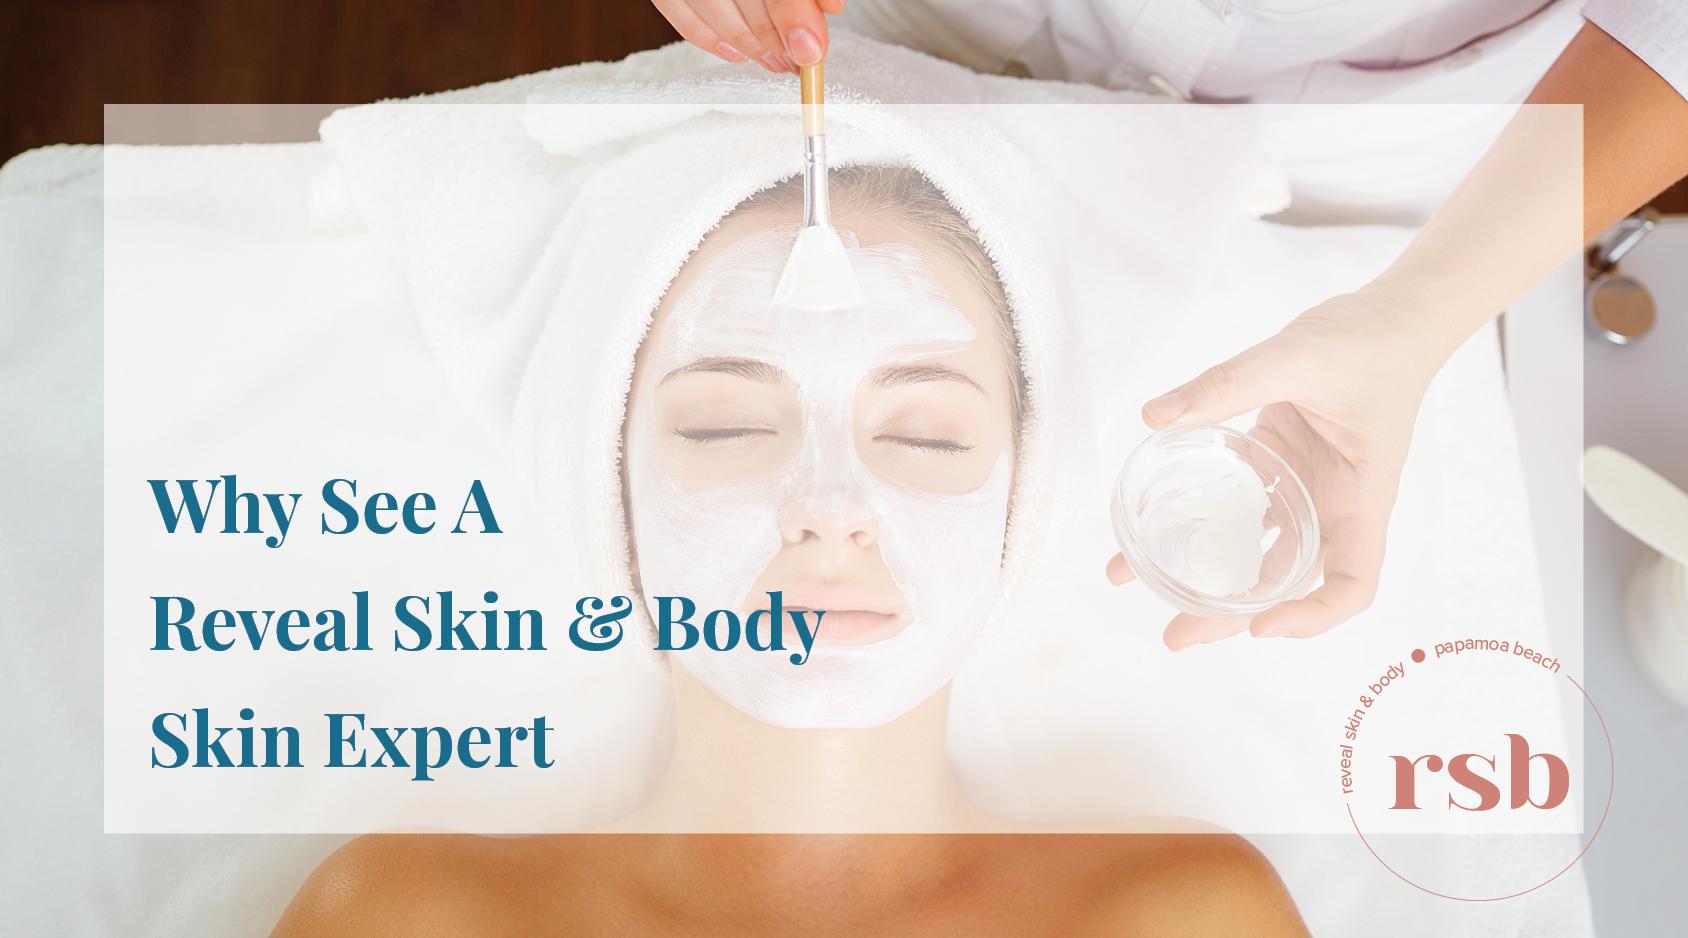 Papamoa Beauty Therapist Skin Clinic Experts